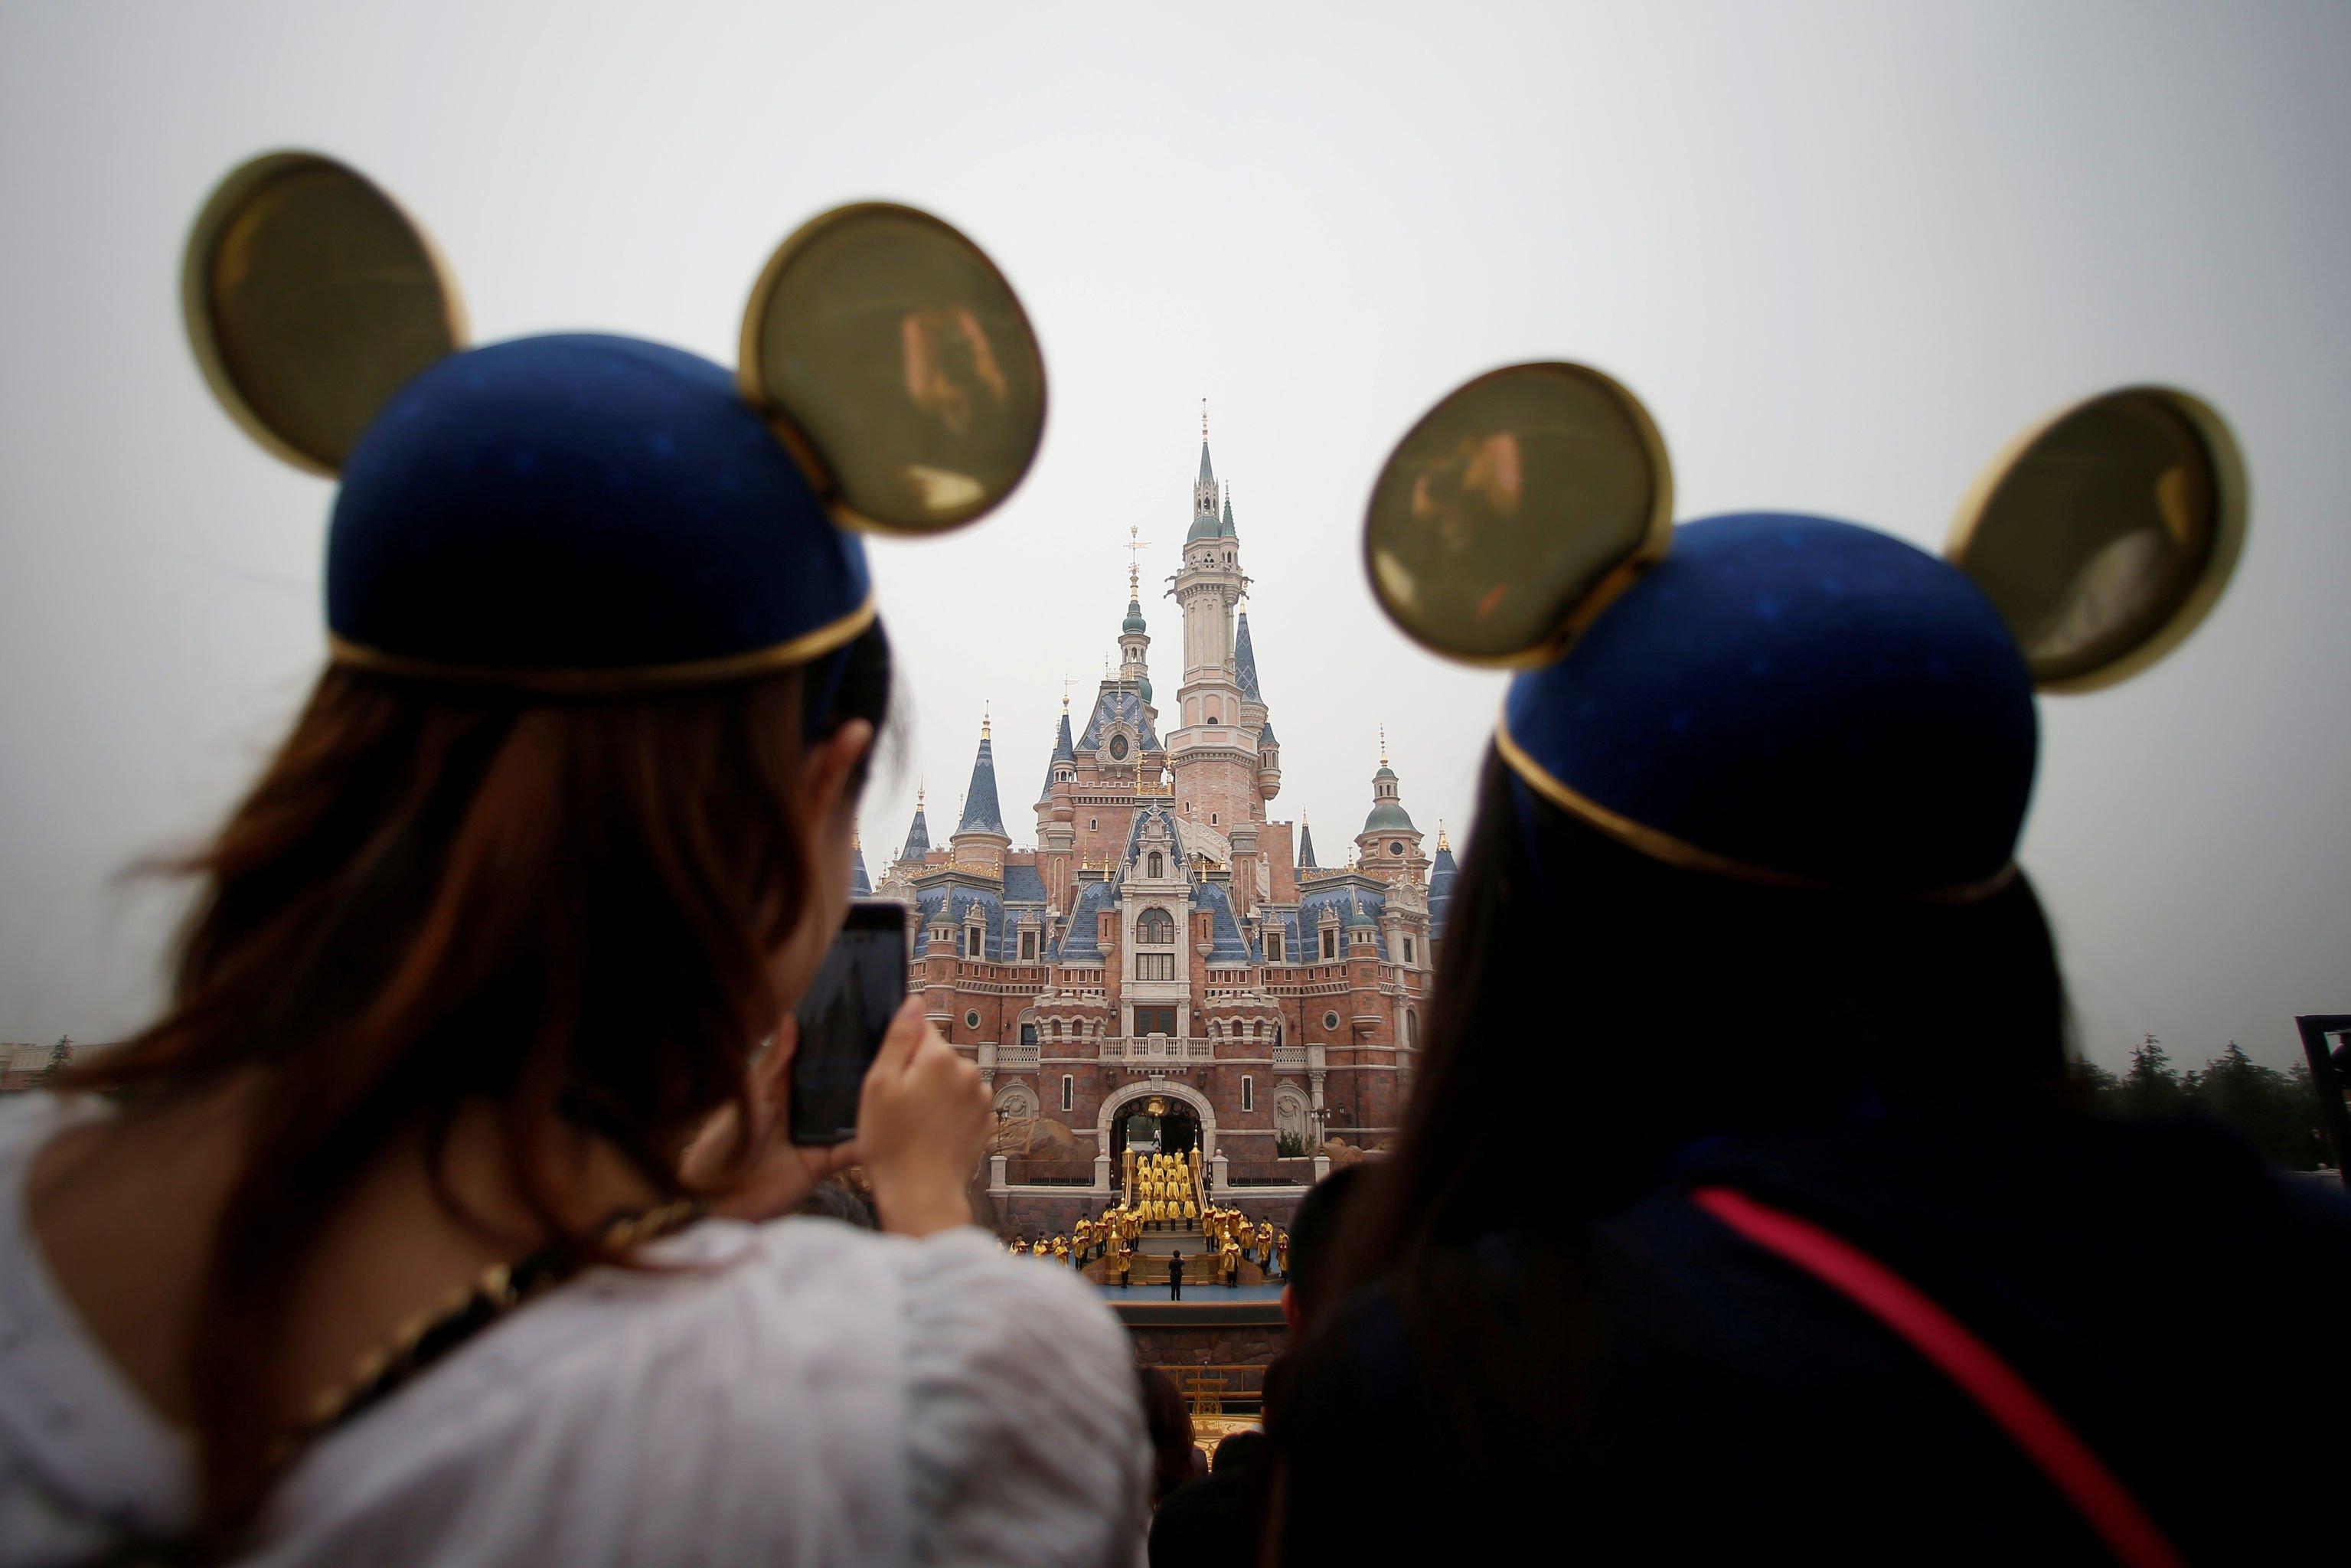 Büyük kalabalıkların toplanmasını engellemeye çalışan çinli yetkililer, Disneyland'ı da kapattı.